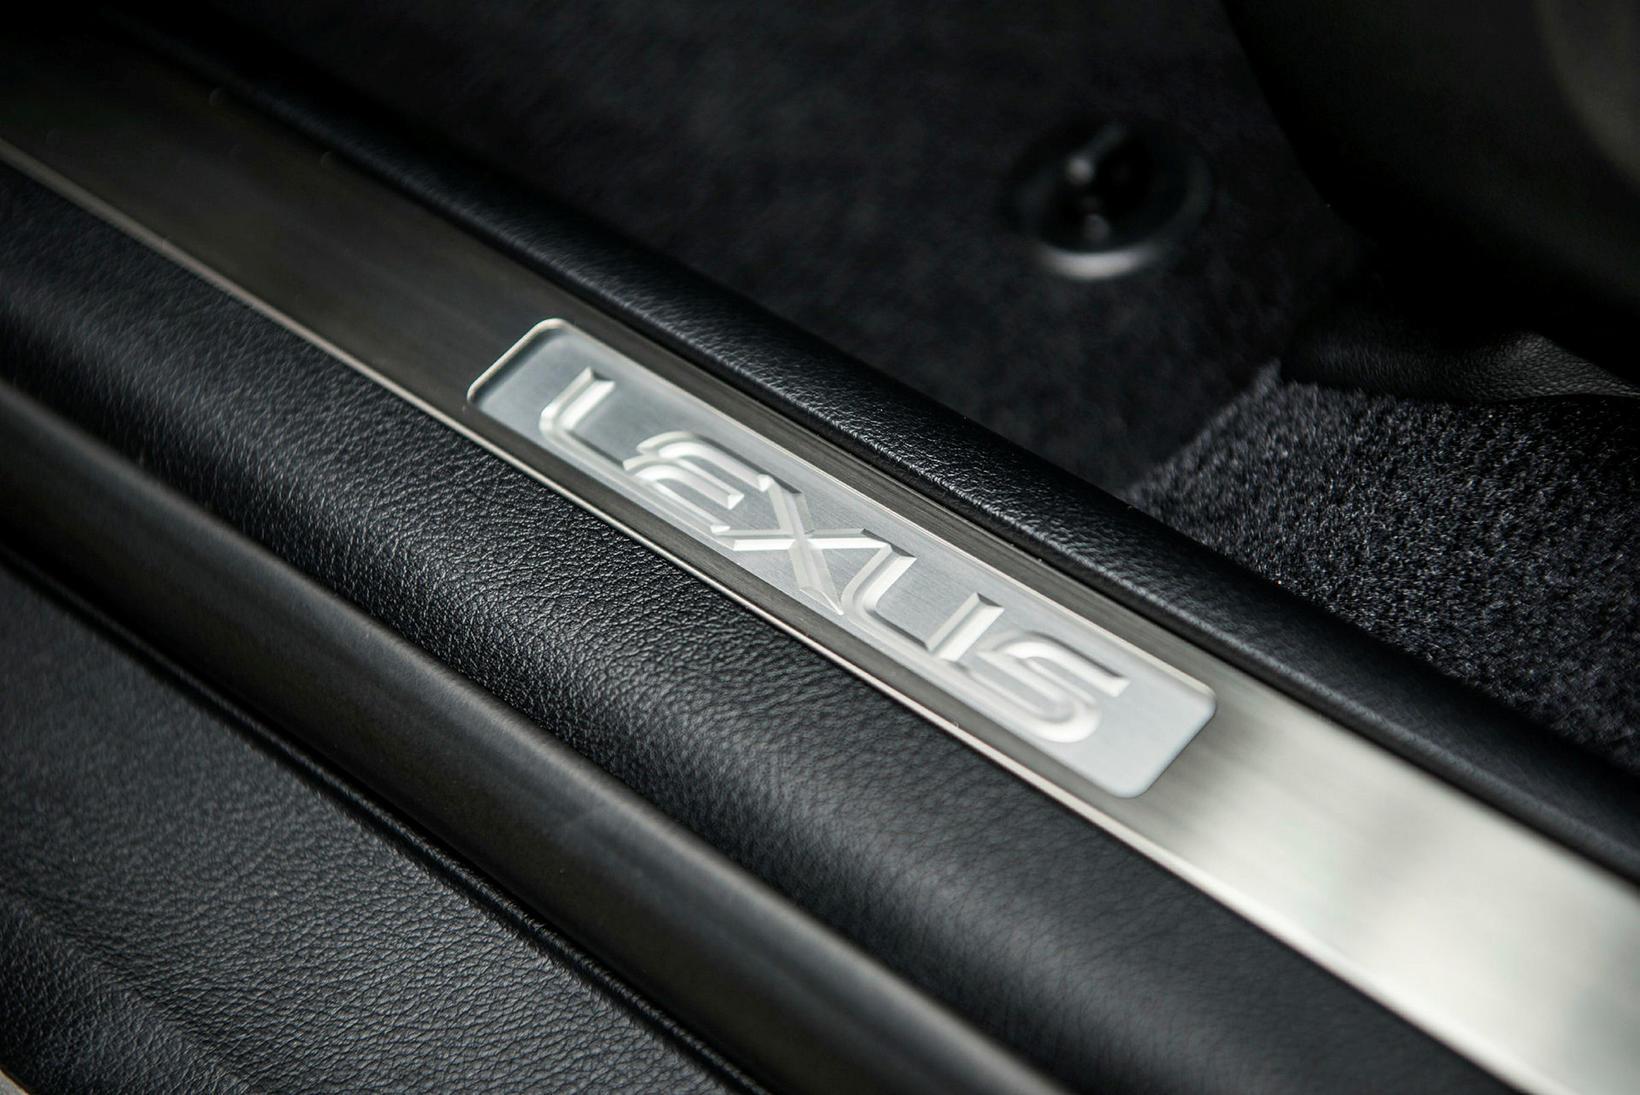 Lexus-nafnið var upphaflega valið úr 219 öðrum nöfnum